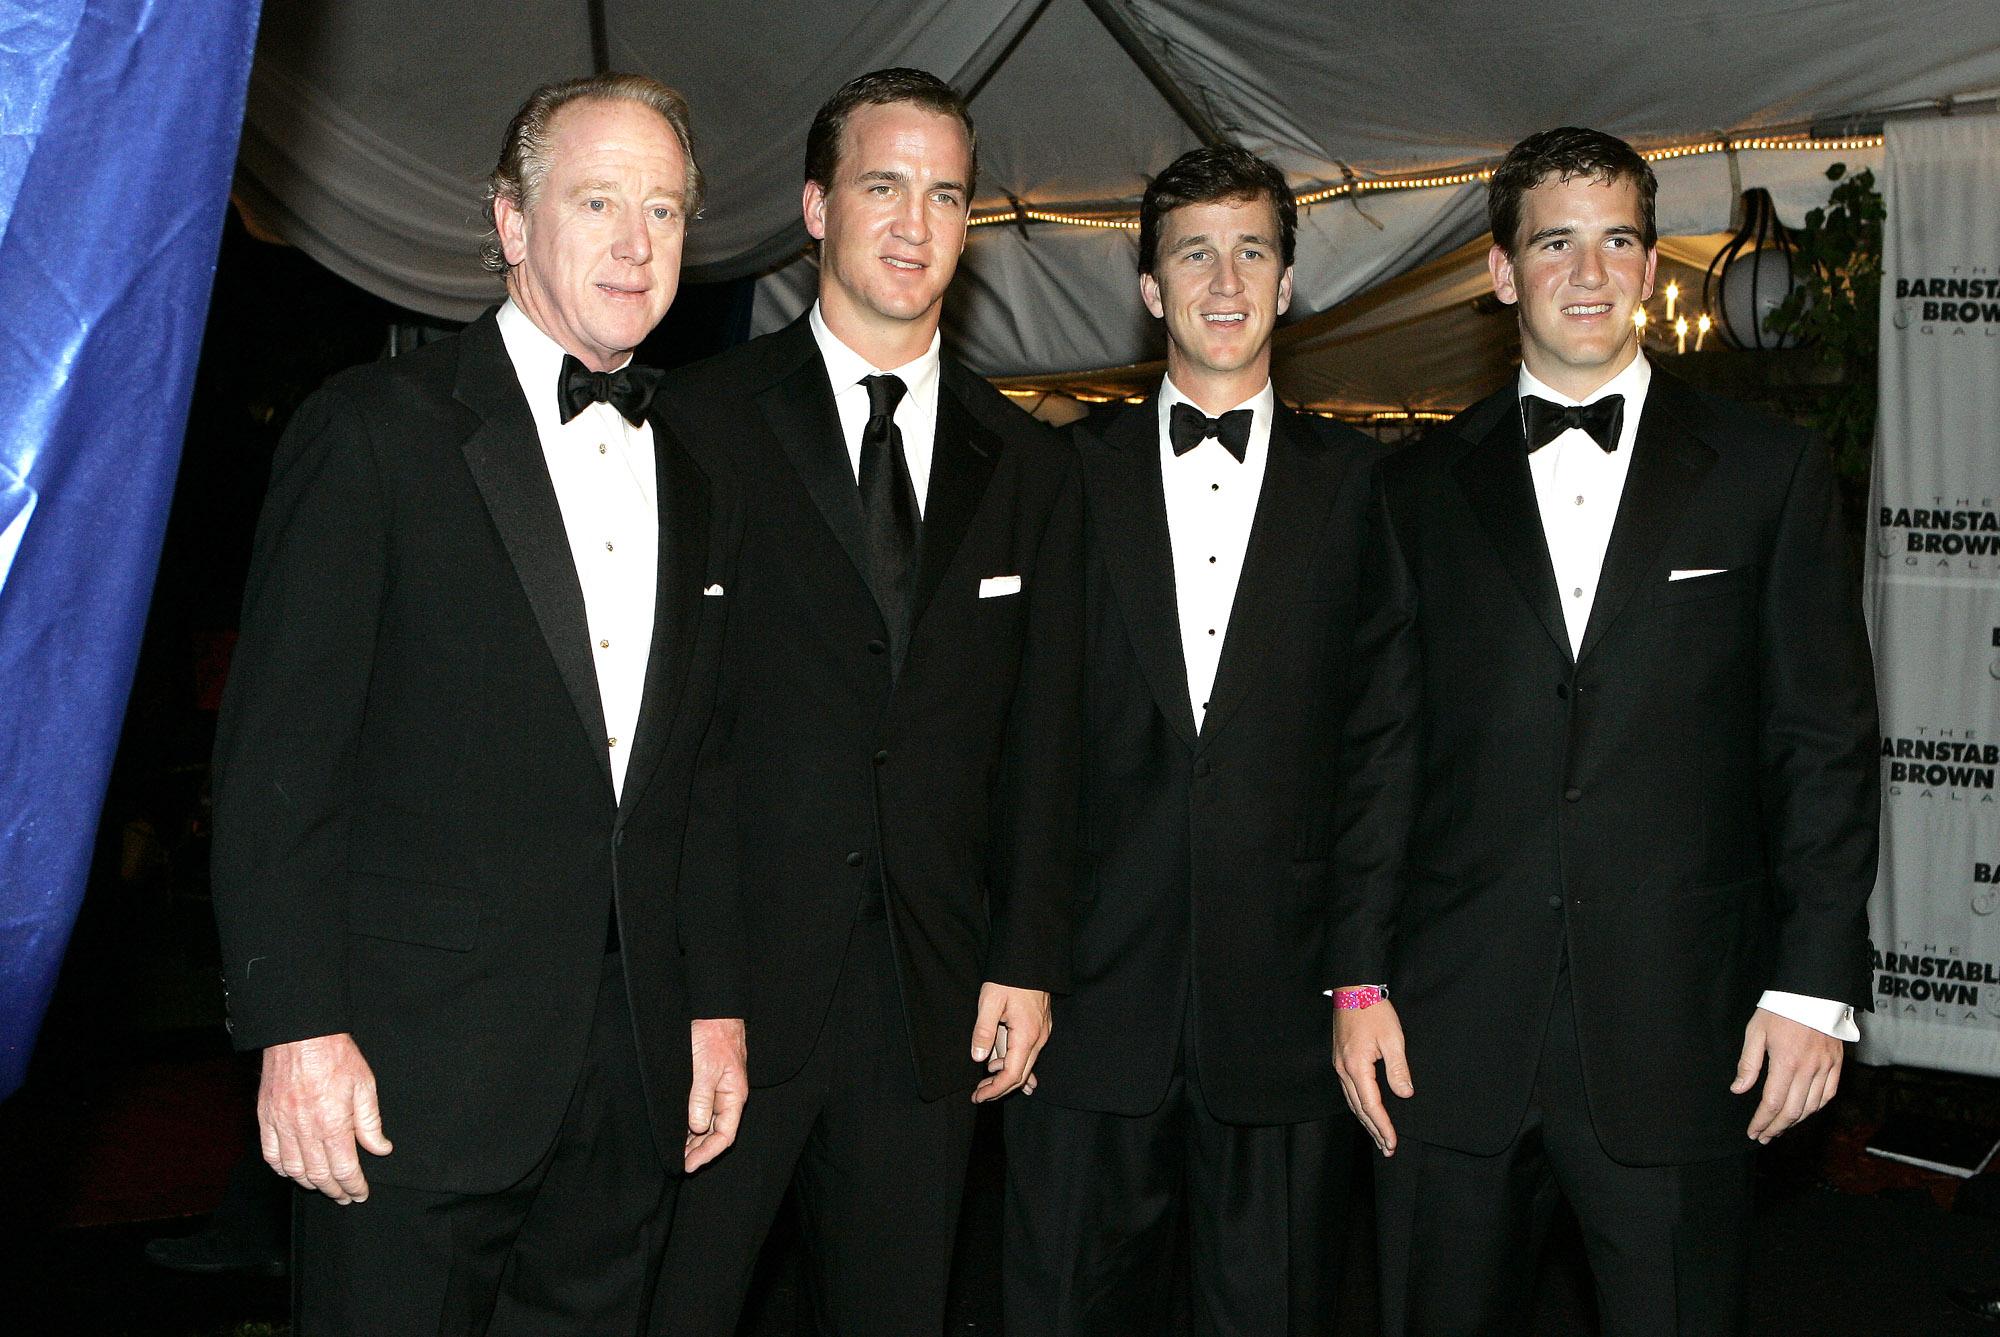 Archie, Peyton, Cooper & Eli Manning